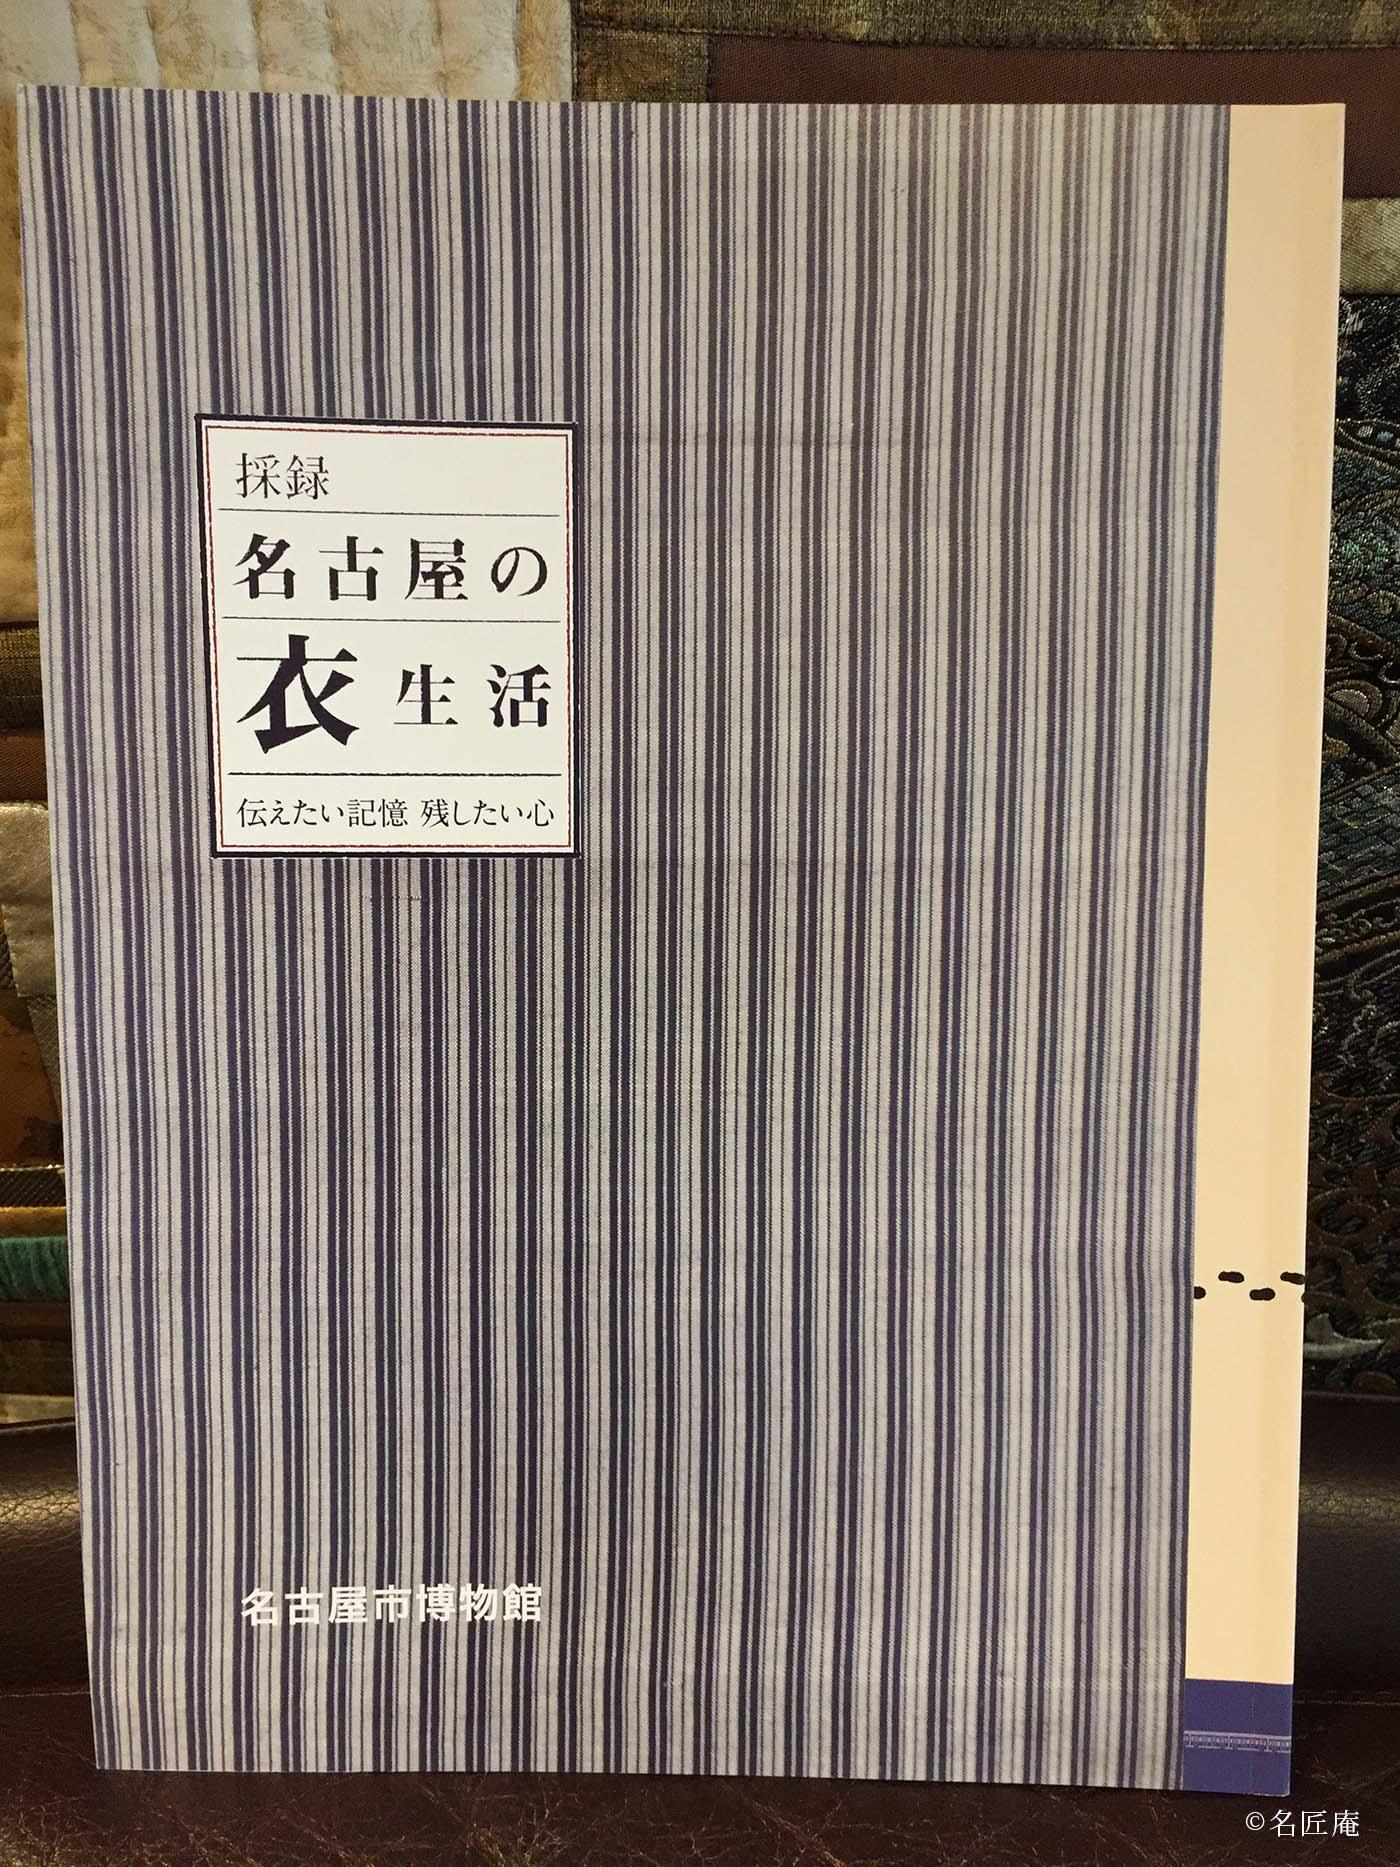 名古屋市博物館展覧会 名古屋の衣生活